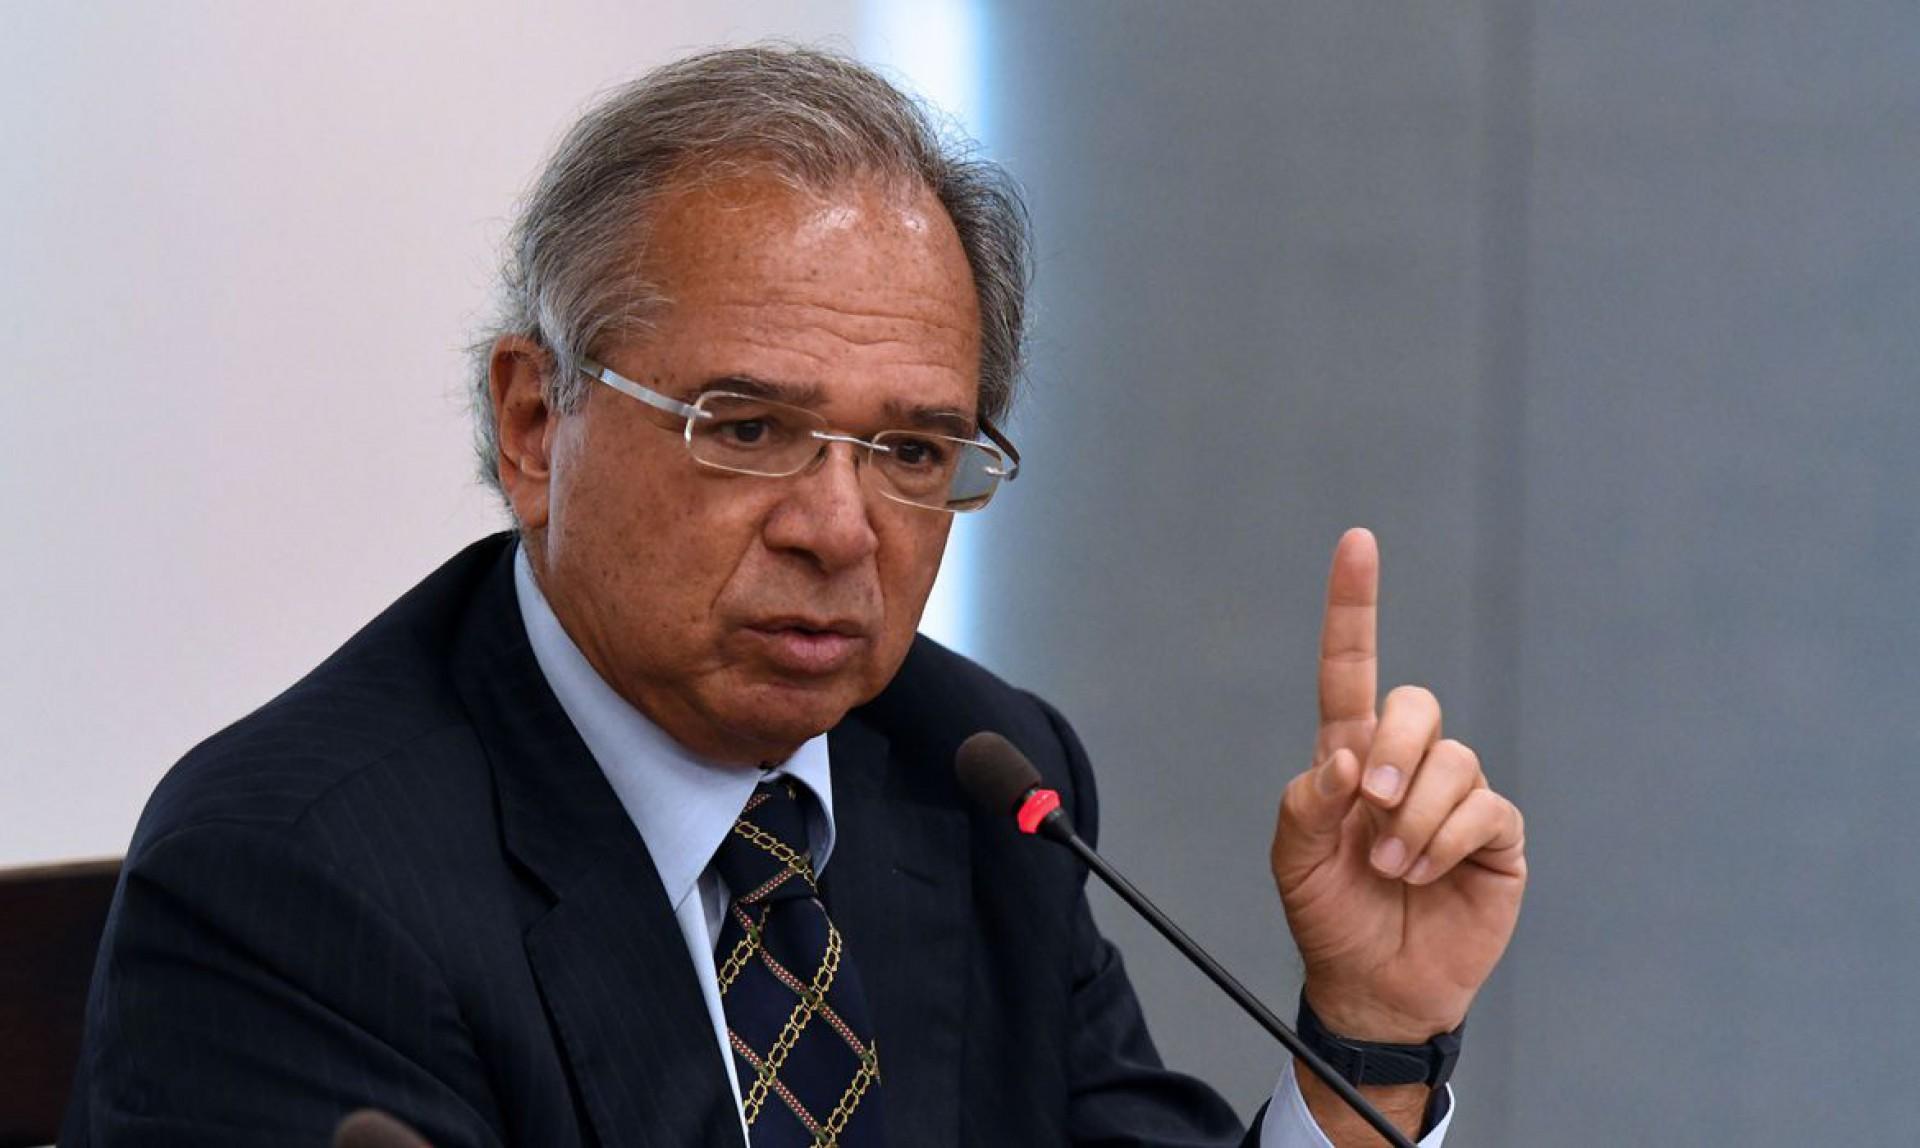 O ministro da Economia, Paulo Guedes, defende que a tributação de 20% sobre lucros e resultados abre o caminho para desoneração de assalariados (Foto: EDU ANDRADE/Ascom/ME)